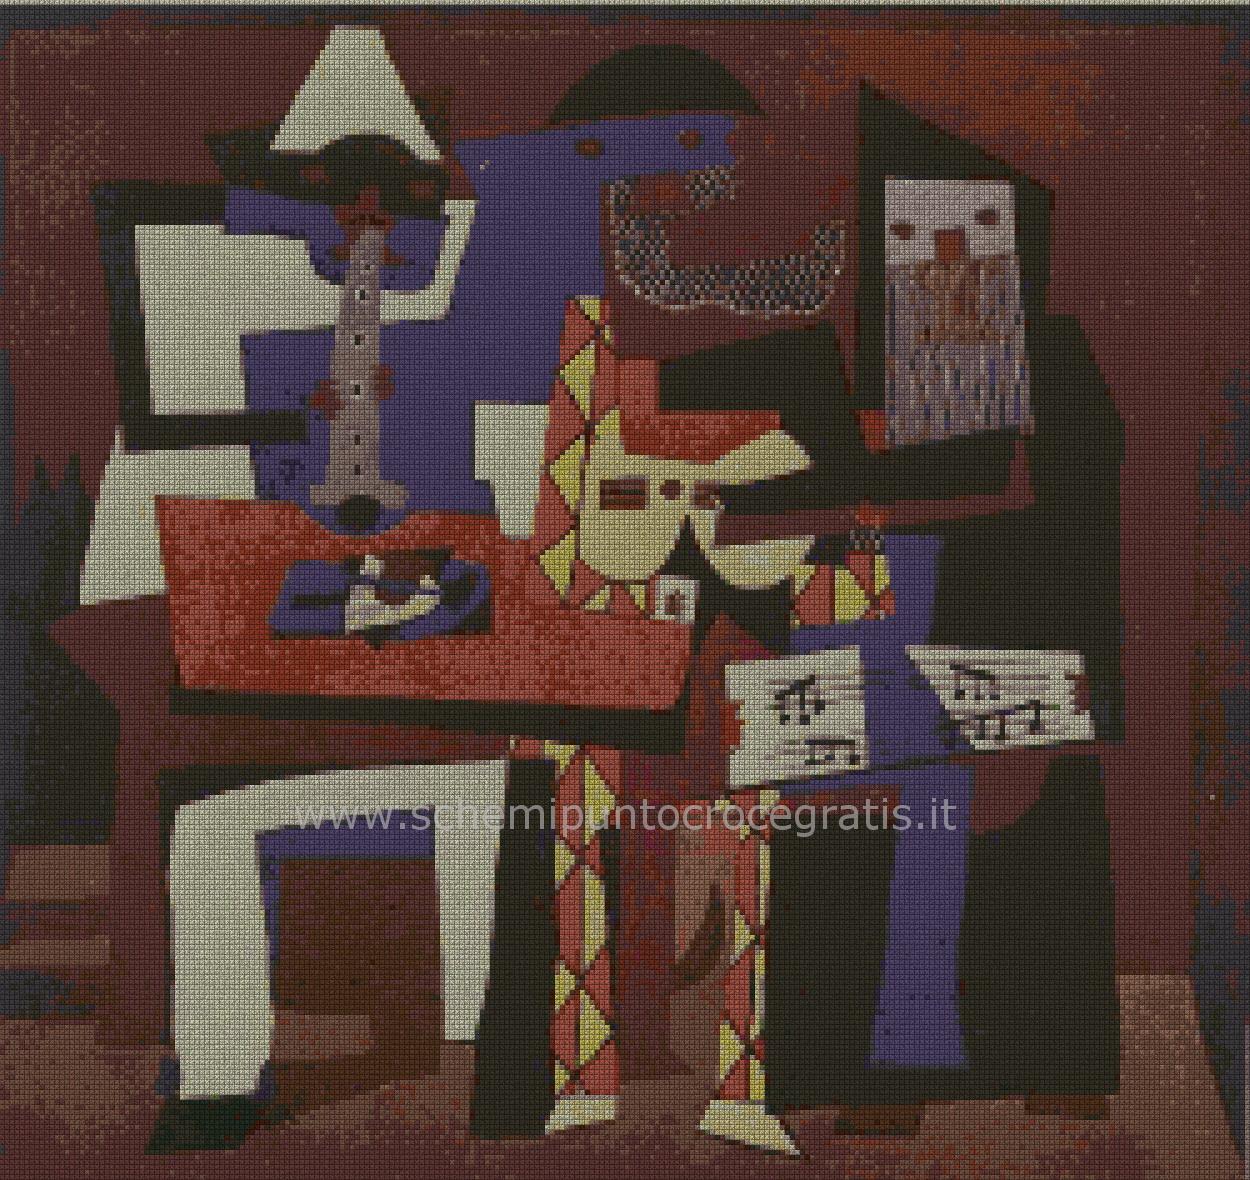 pittori_moderni/picasso/Picasso34.jpg